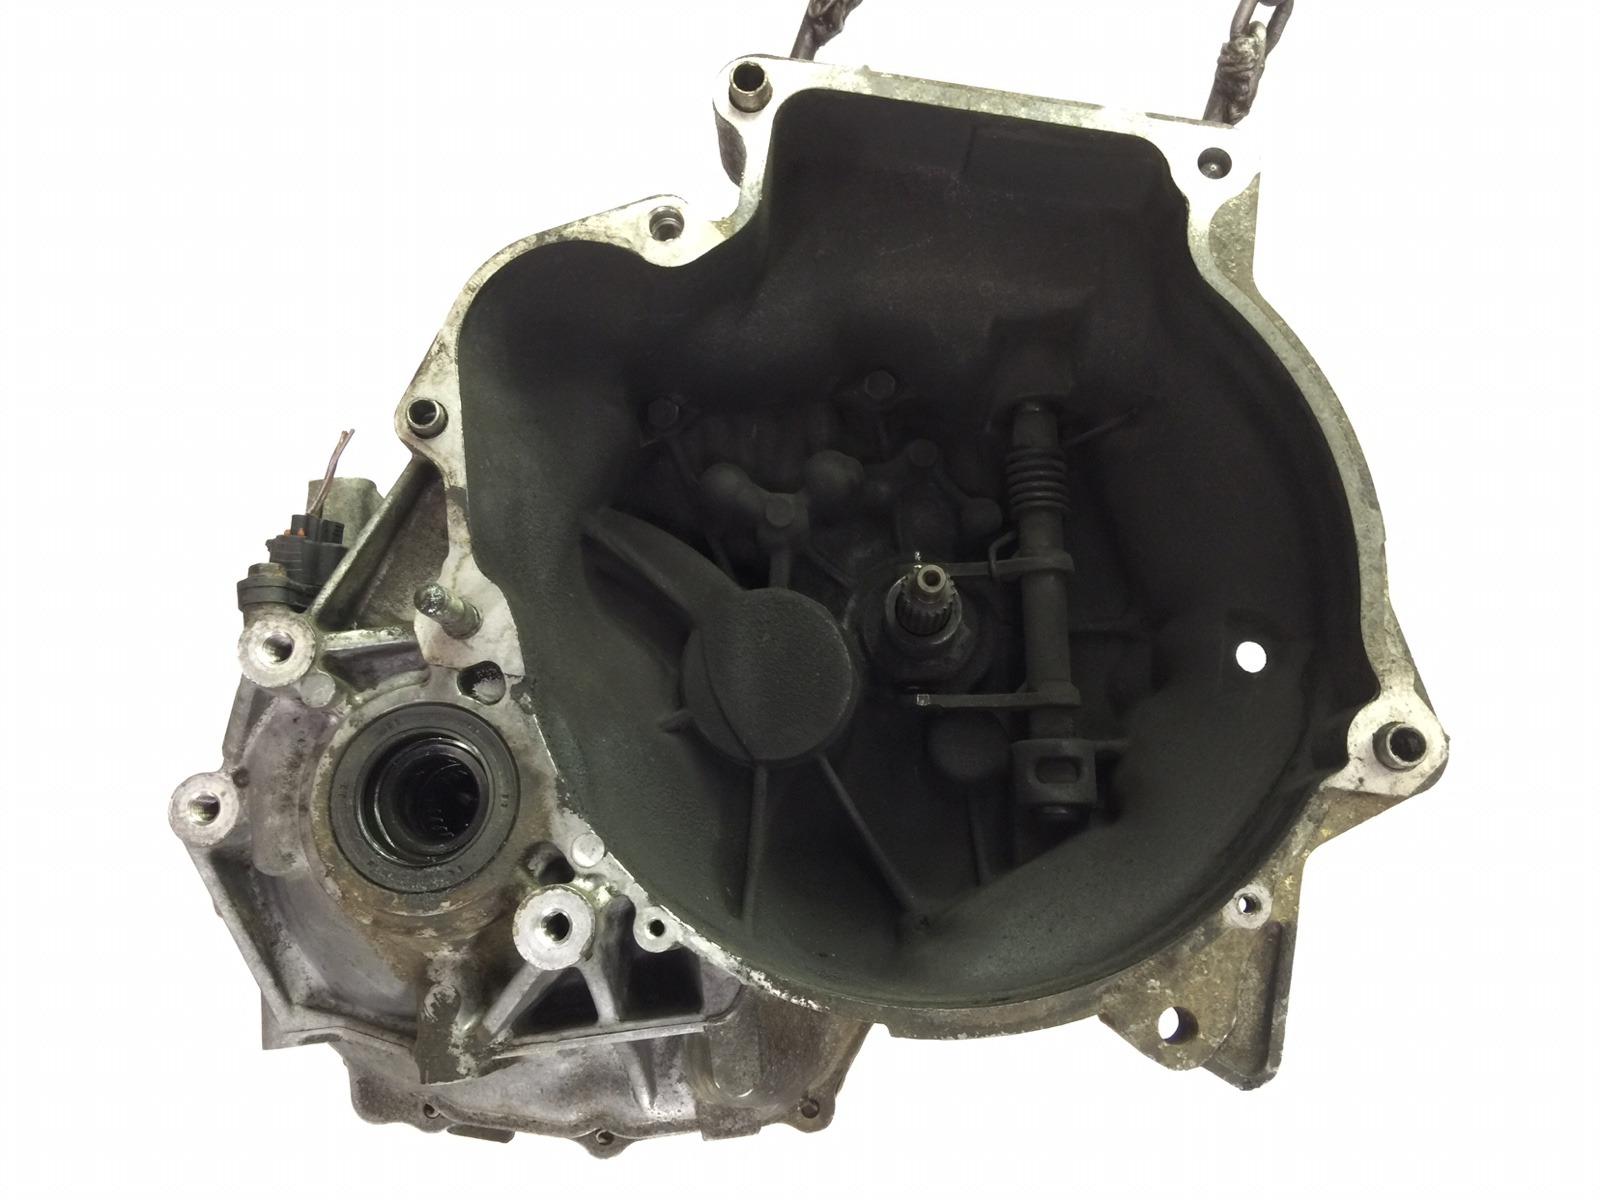 Кпп механическая (мкпп) Suzuki Wagon R 1.3 I 2002 (б/у)